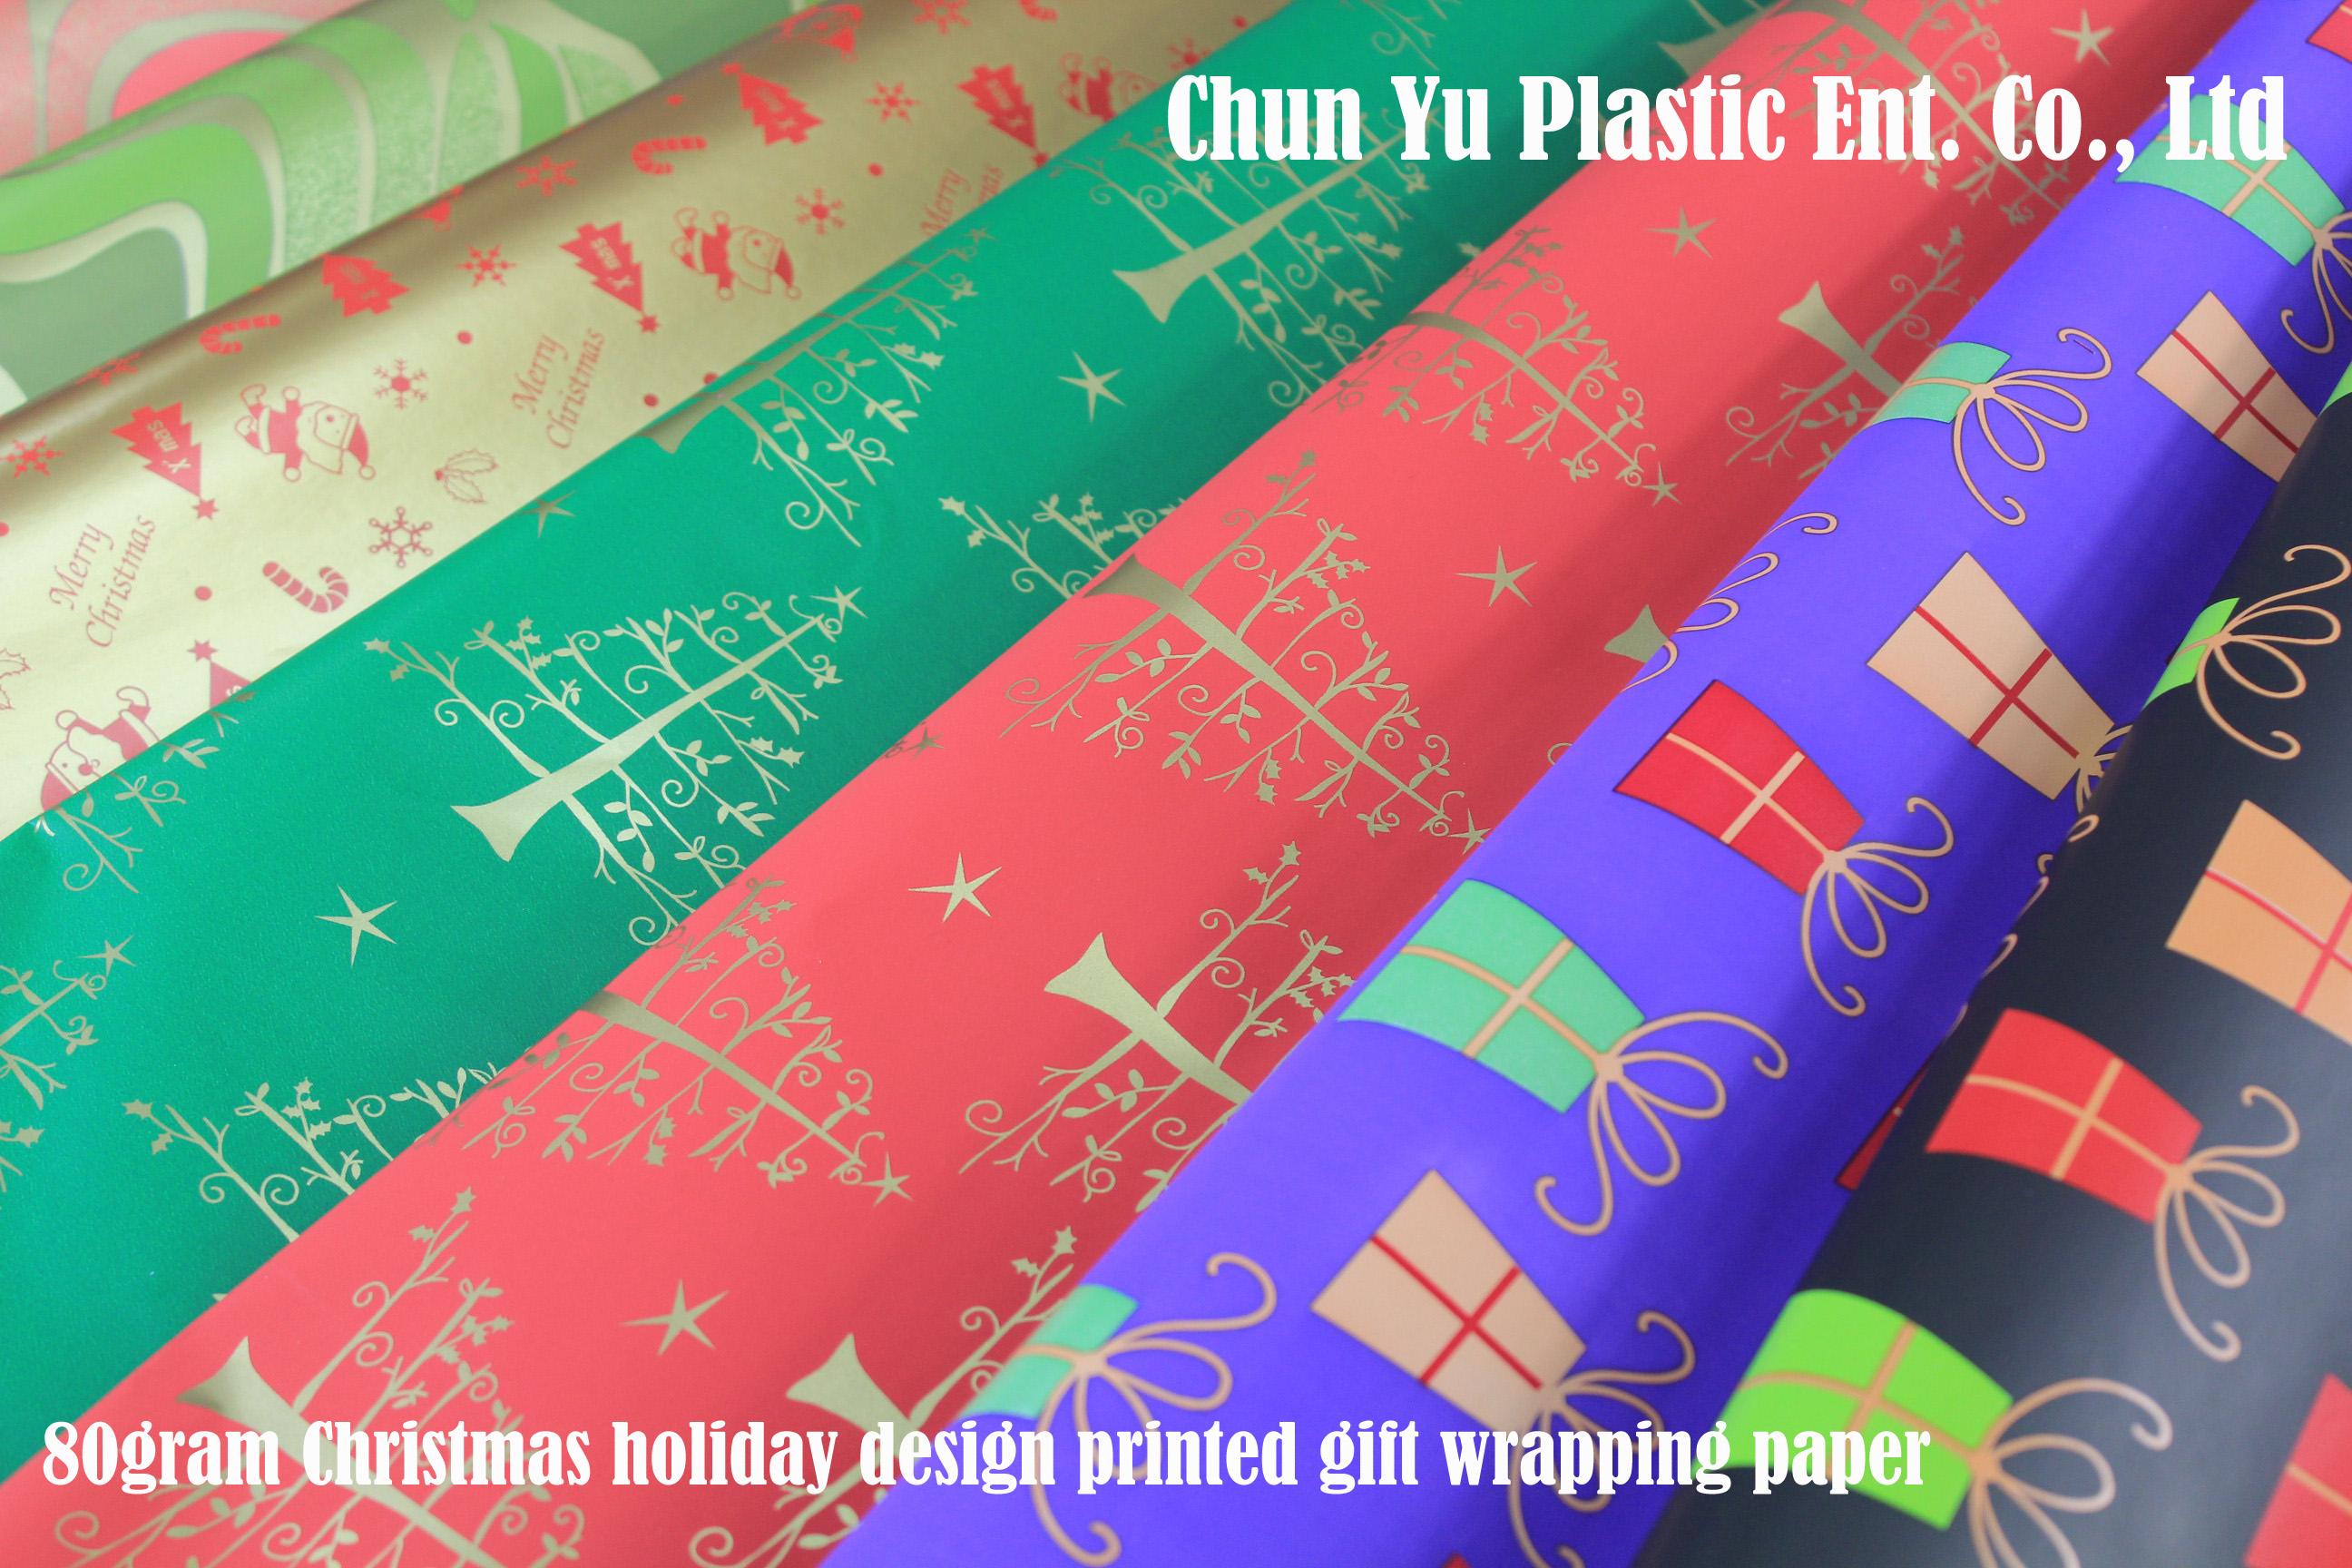 Papier do pakowania prezentów z nadrukiem świątecznym na prezenty w okresie świątecznym